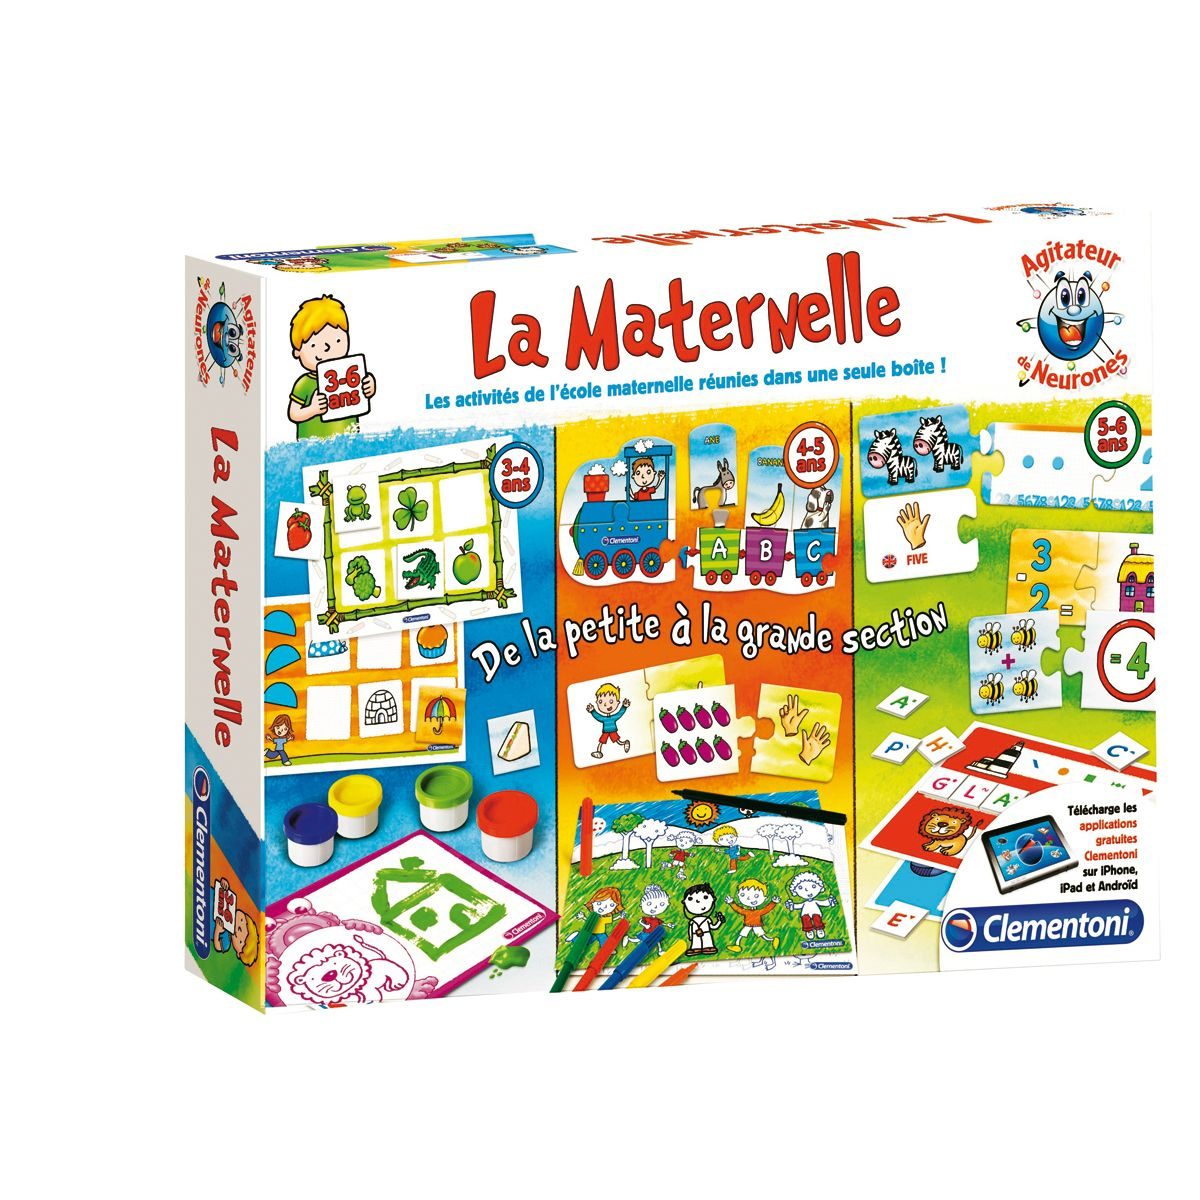 La Maternelle - 1Ers Apprentissages - La Grande Récré encequiconcerne Jeu Educatif Maternelle